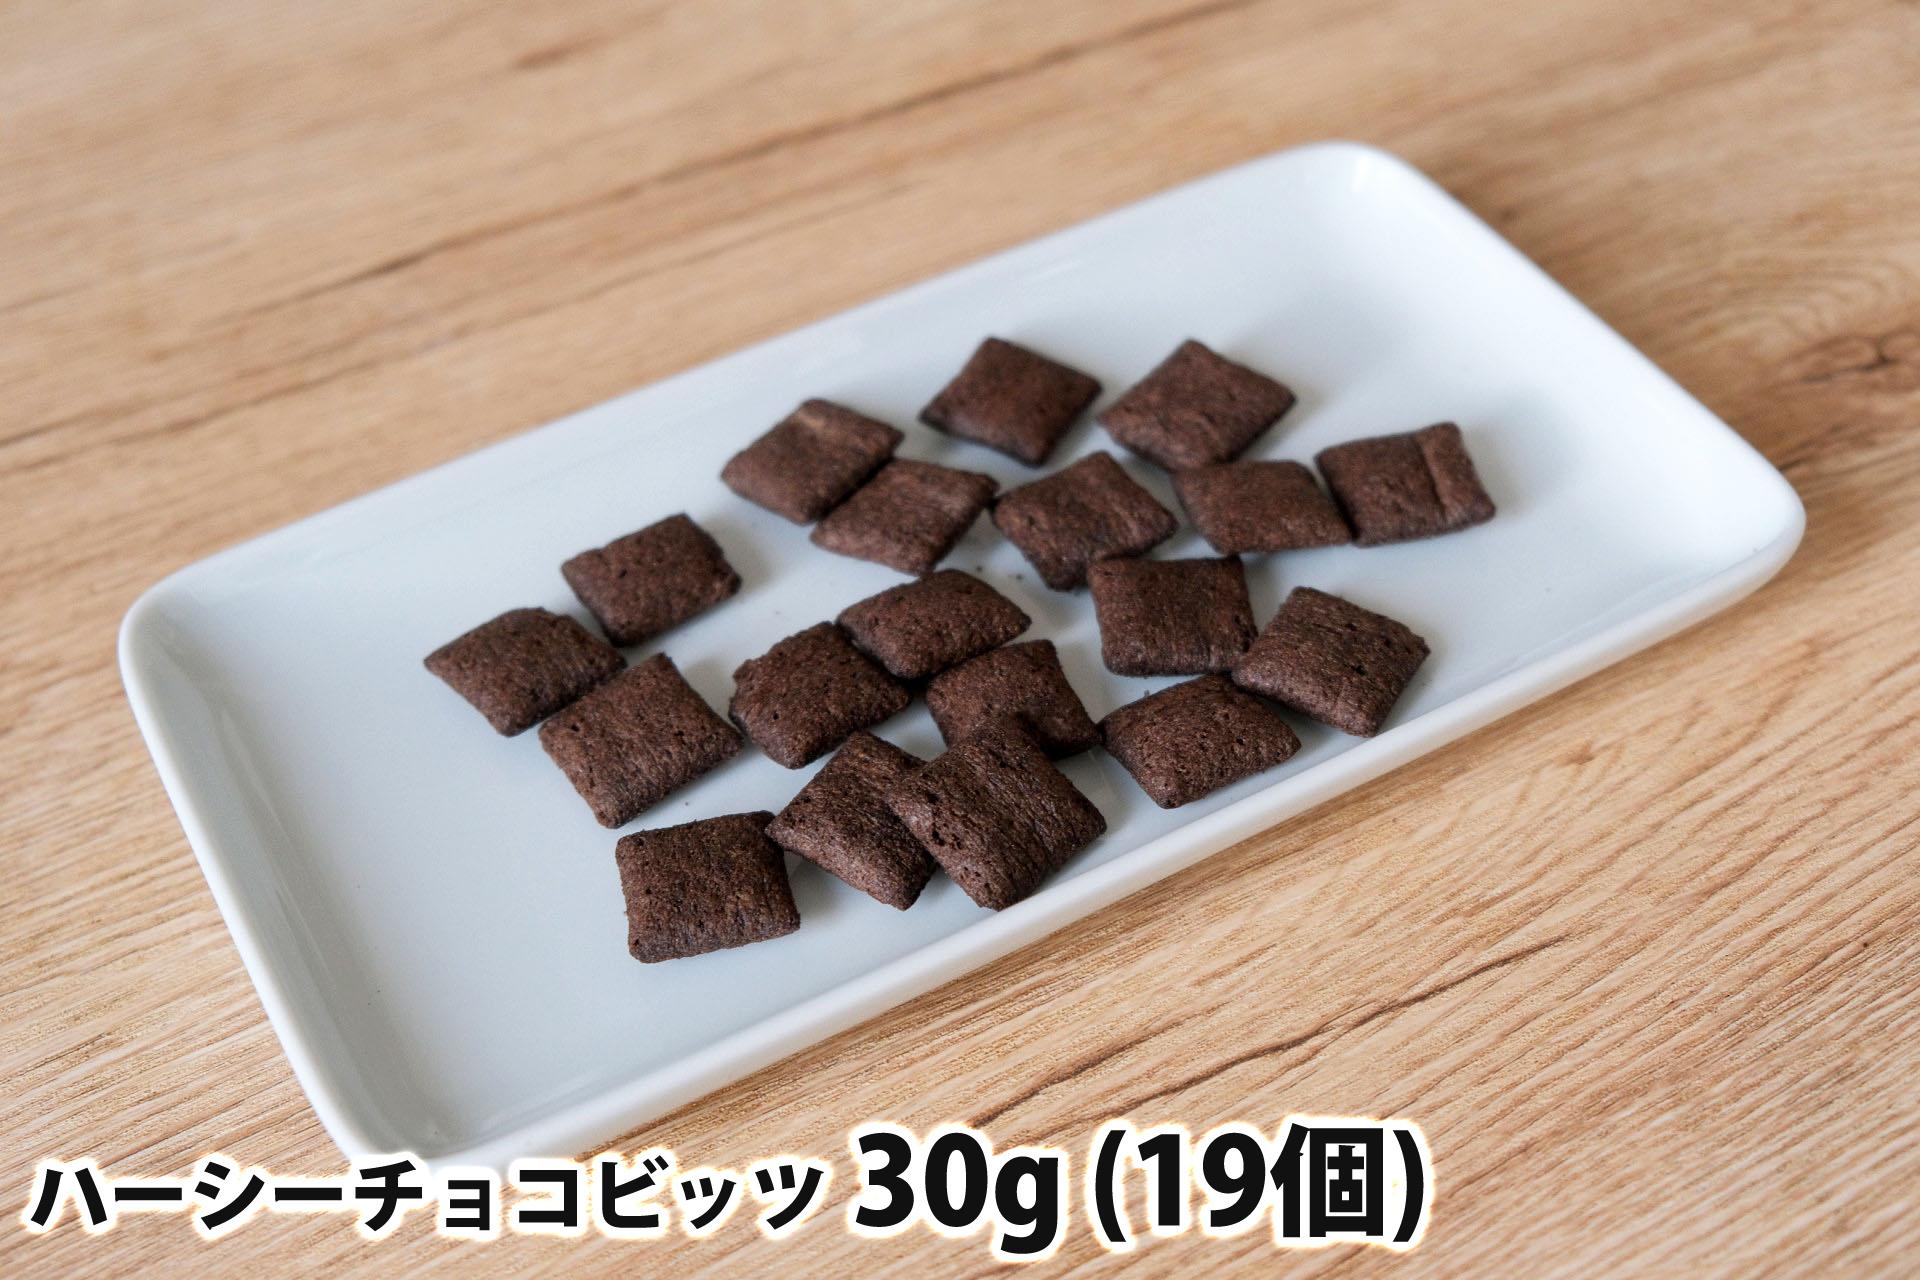 30gのハーシーチョコビッツ(19個)